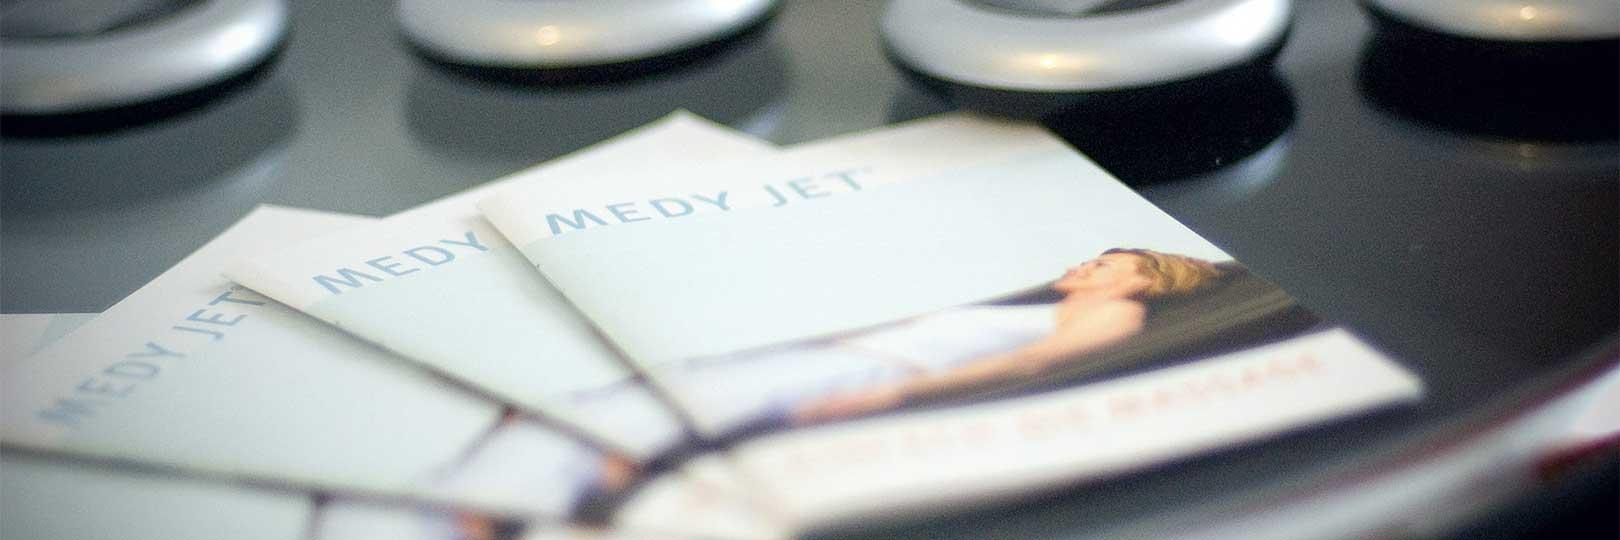 medy-jet-massagen-bei-ihrem-zahnarzt-in-oelde-und-stromberg-zahnplus